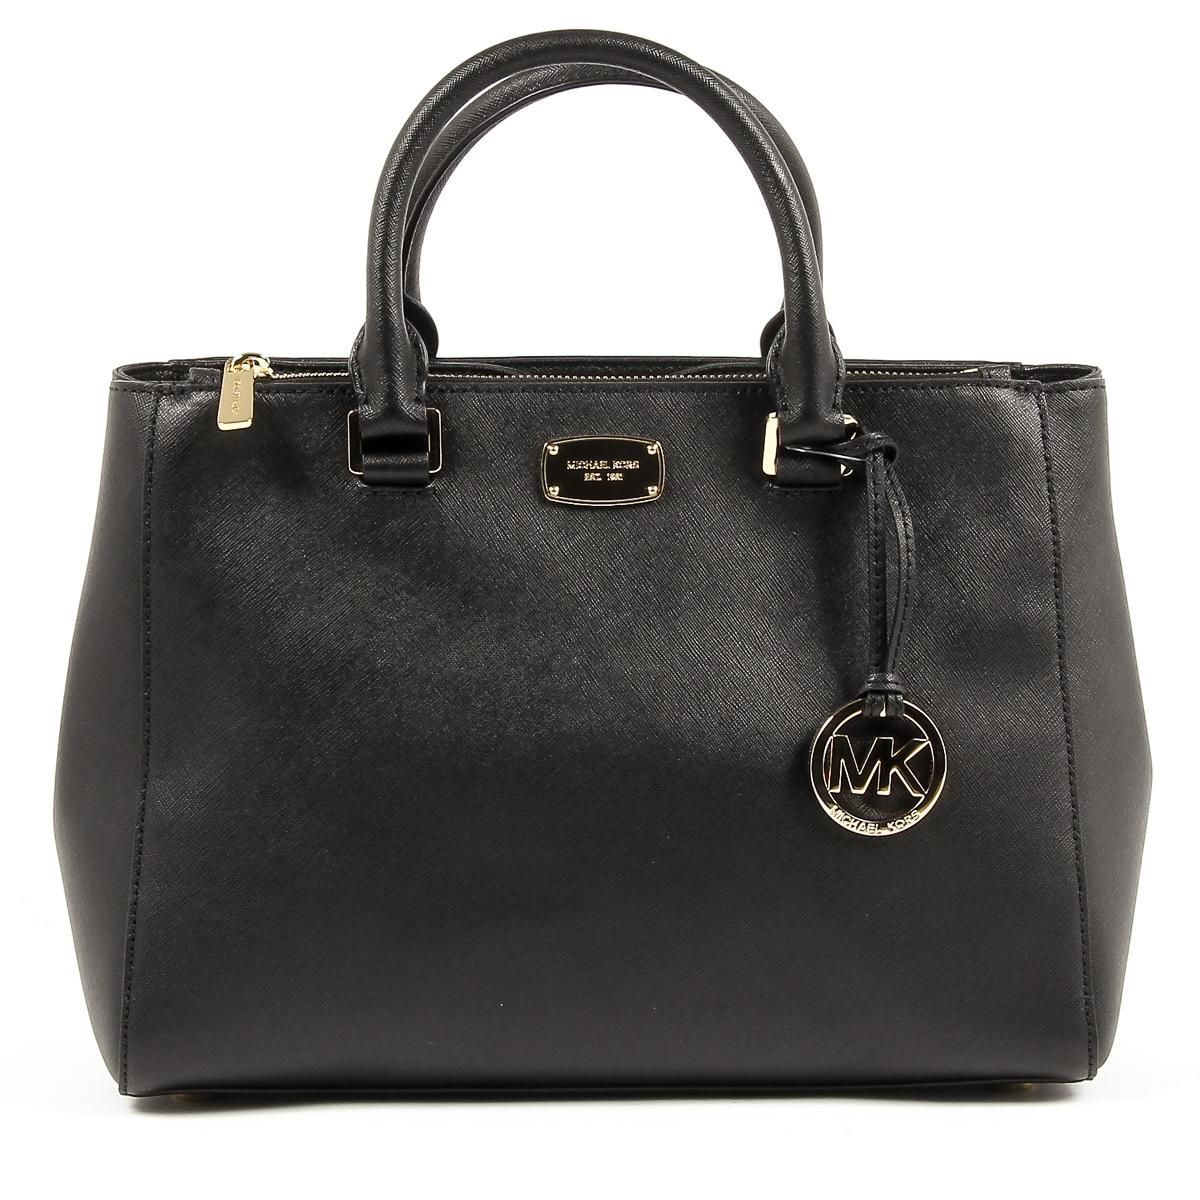 Michael Kors Womens Handbag KELLEN 35S6GS0T2L BLACK  b9ad500a1